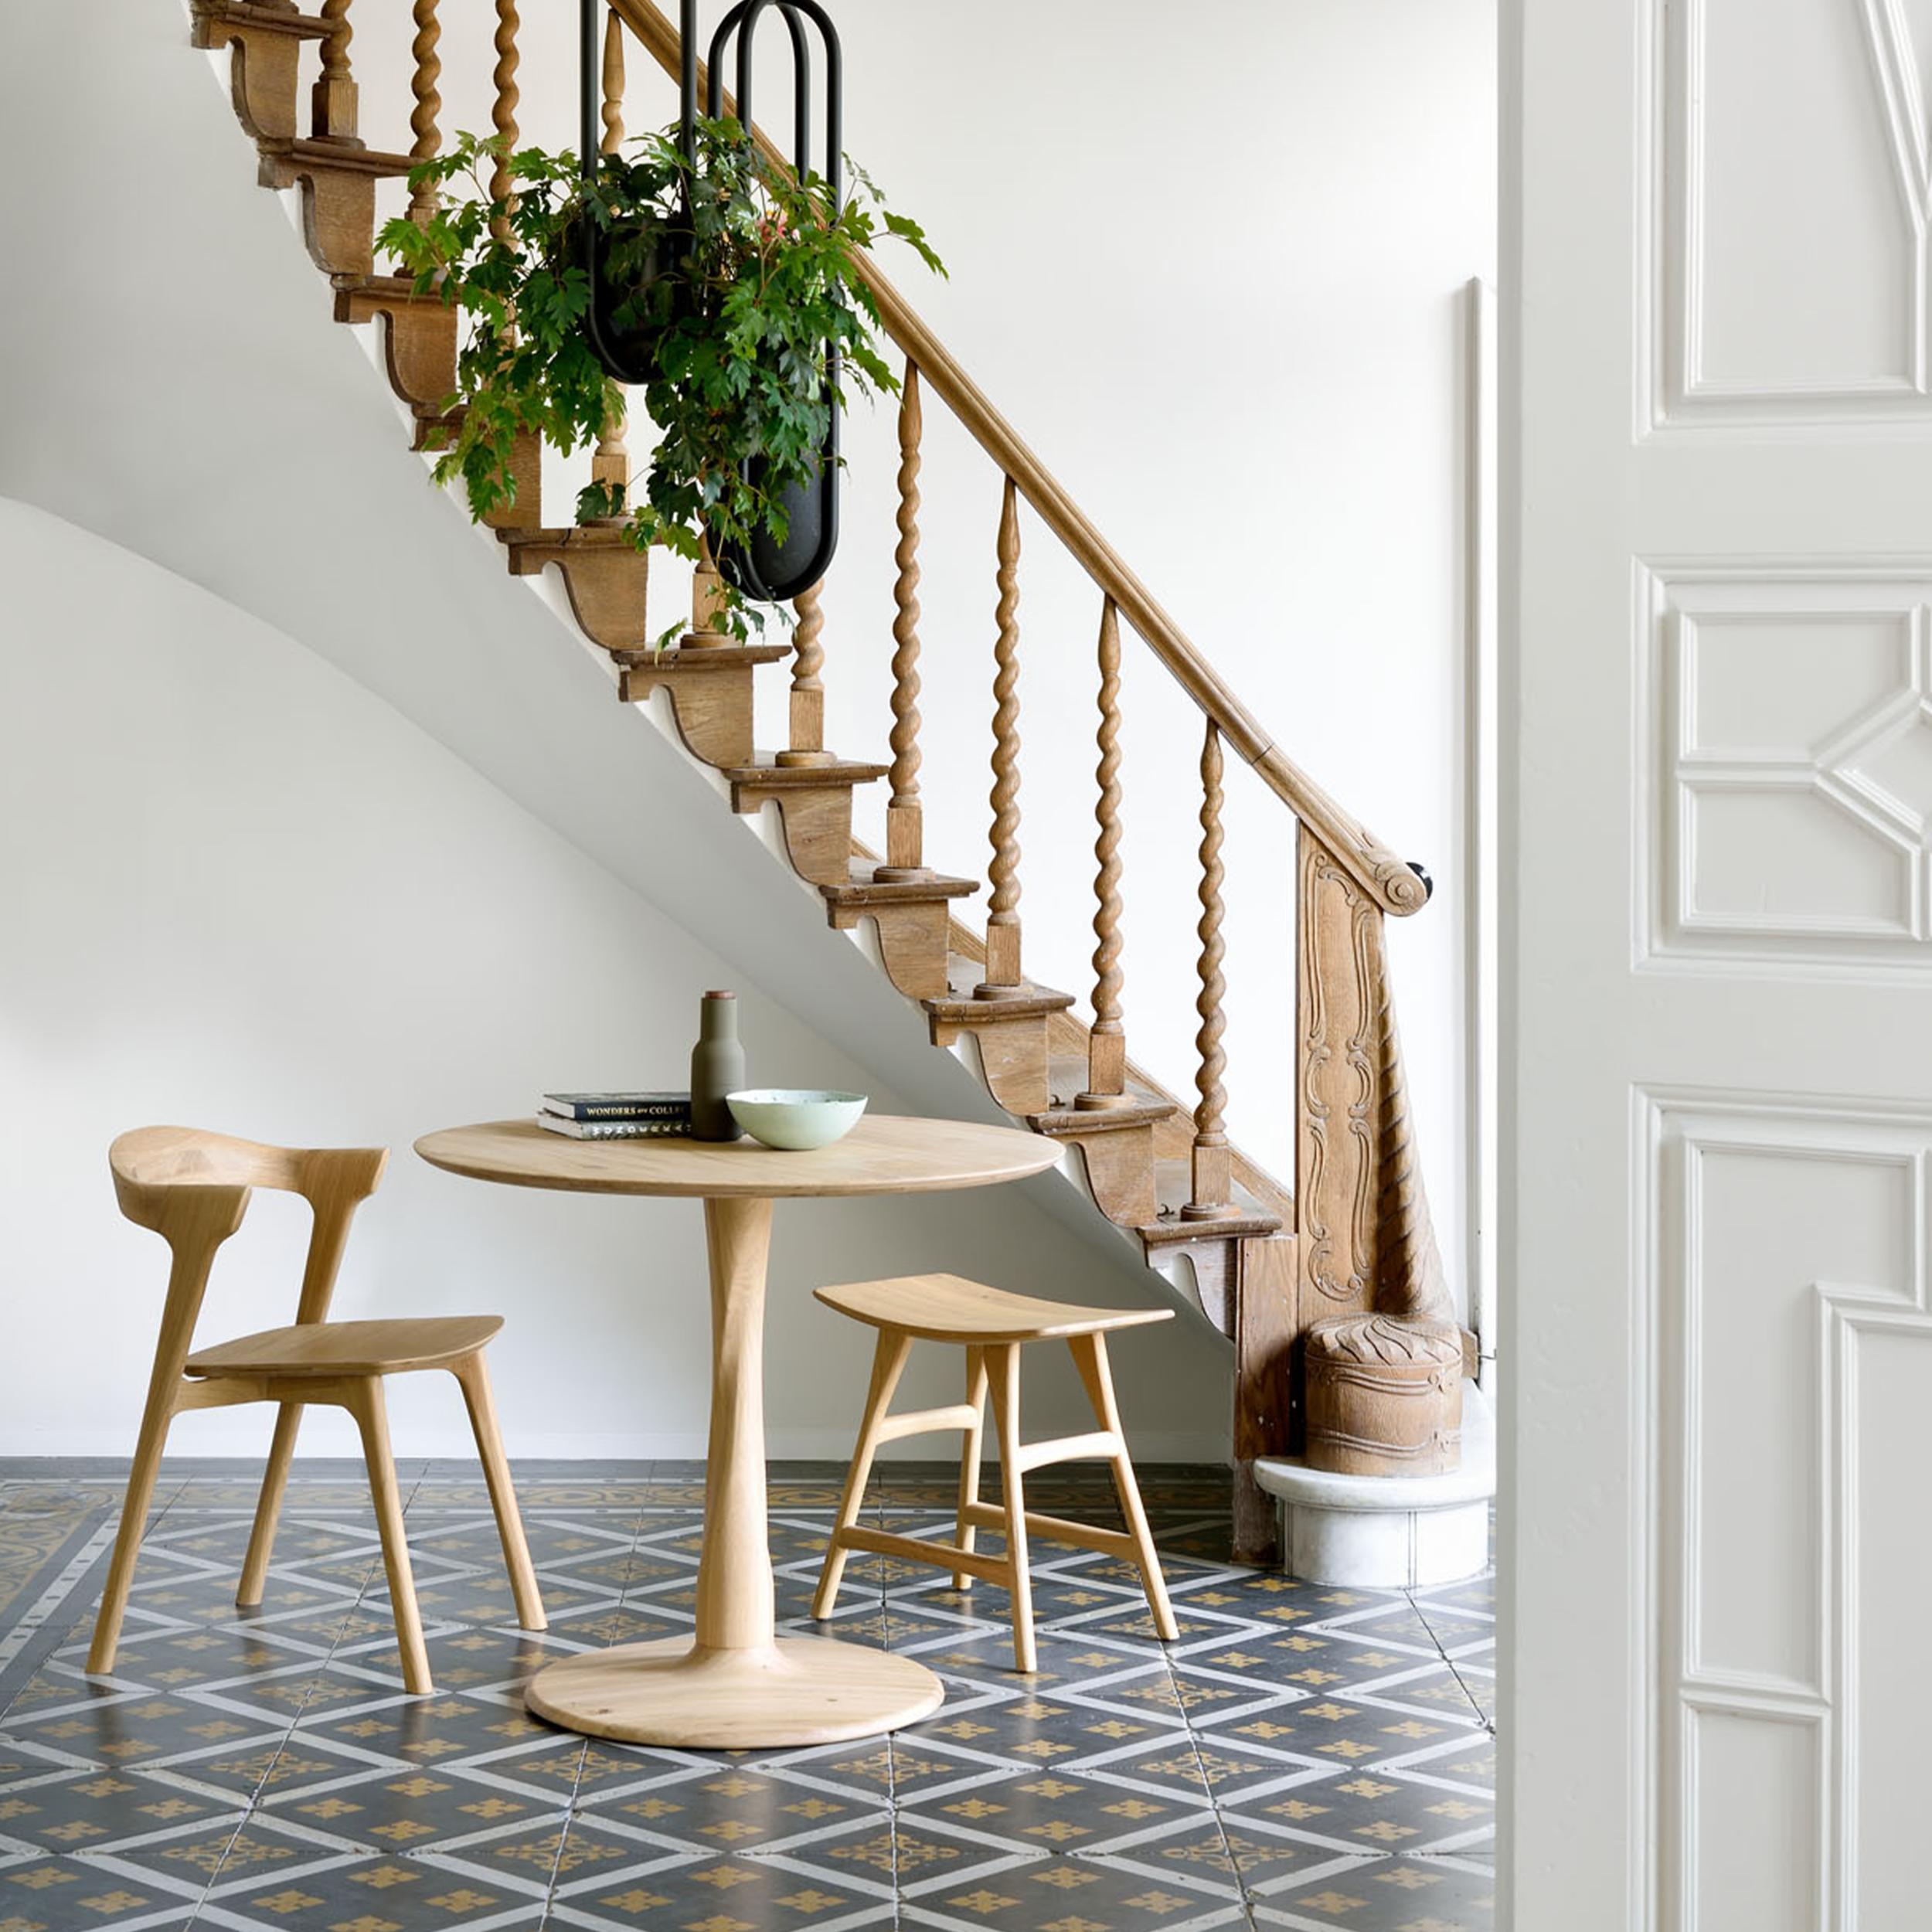 50018-oak-Torsion-dining-table-51490-oak-Bok-chair-53033-oak-Osso-stool.jpg.png